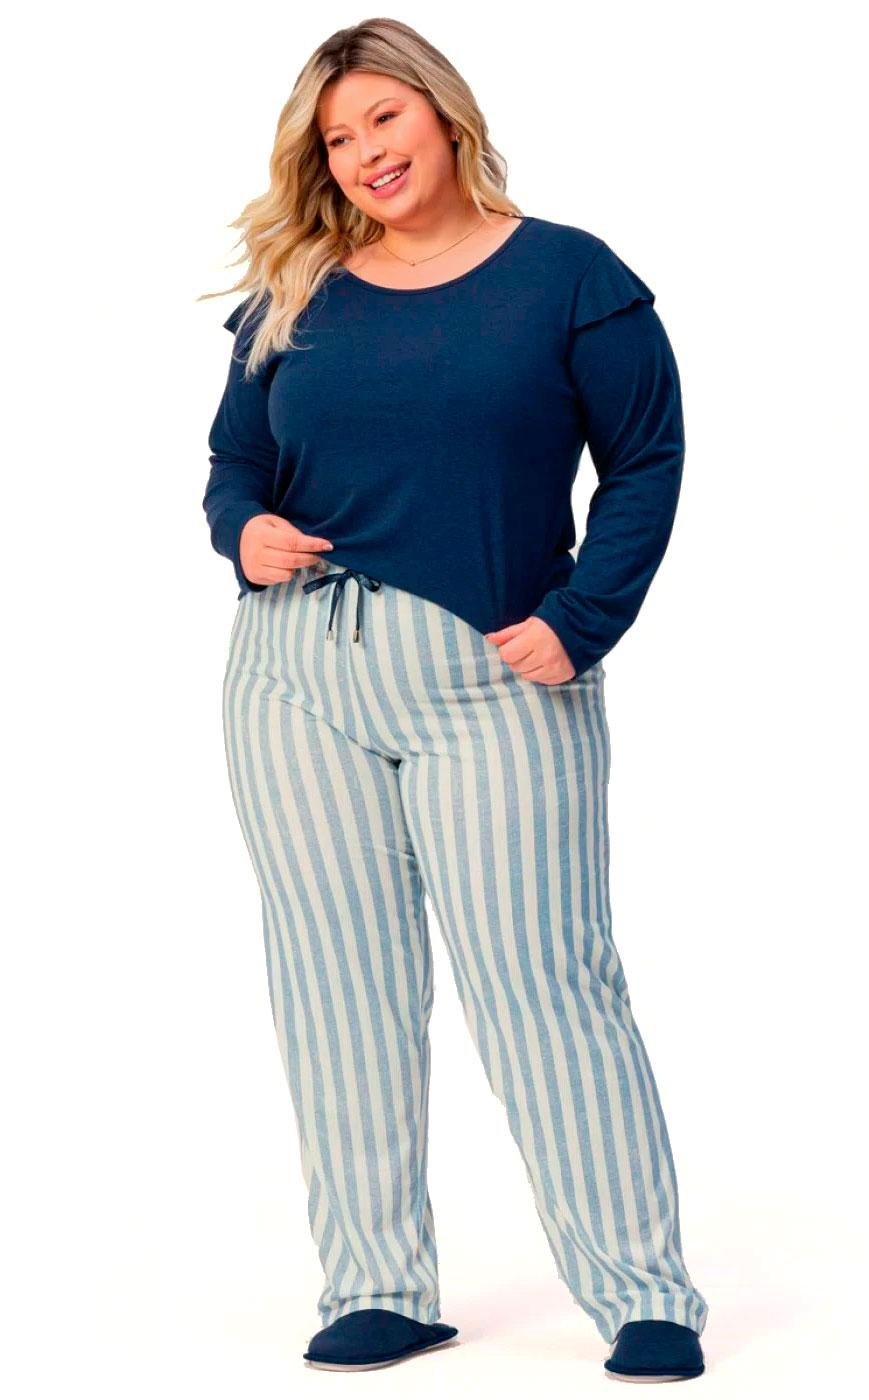 Pijama Longo Feminino Nobre Lua Encantada 10900017